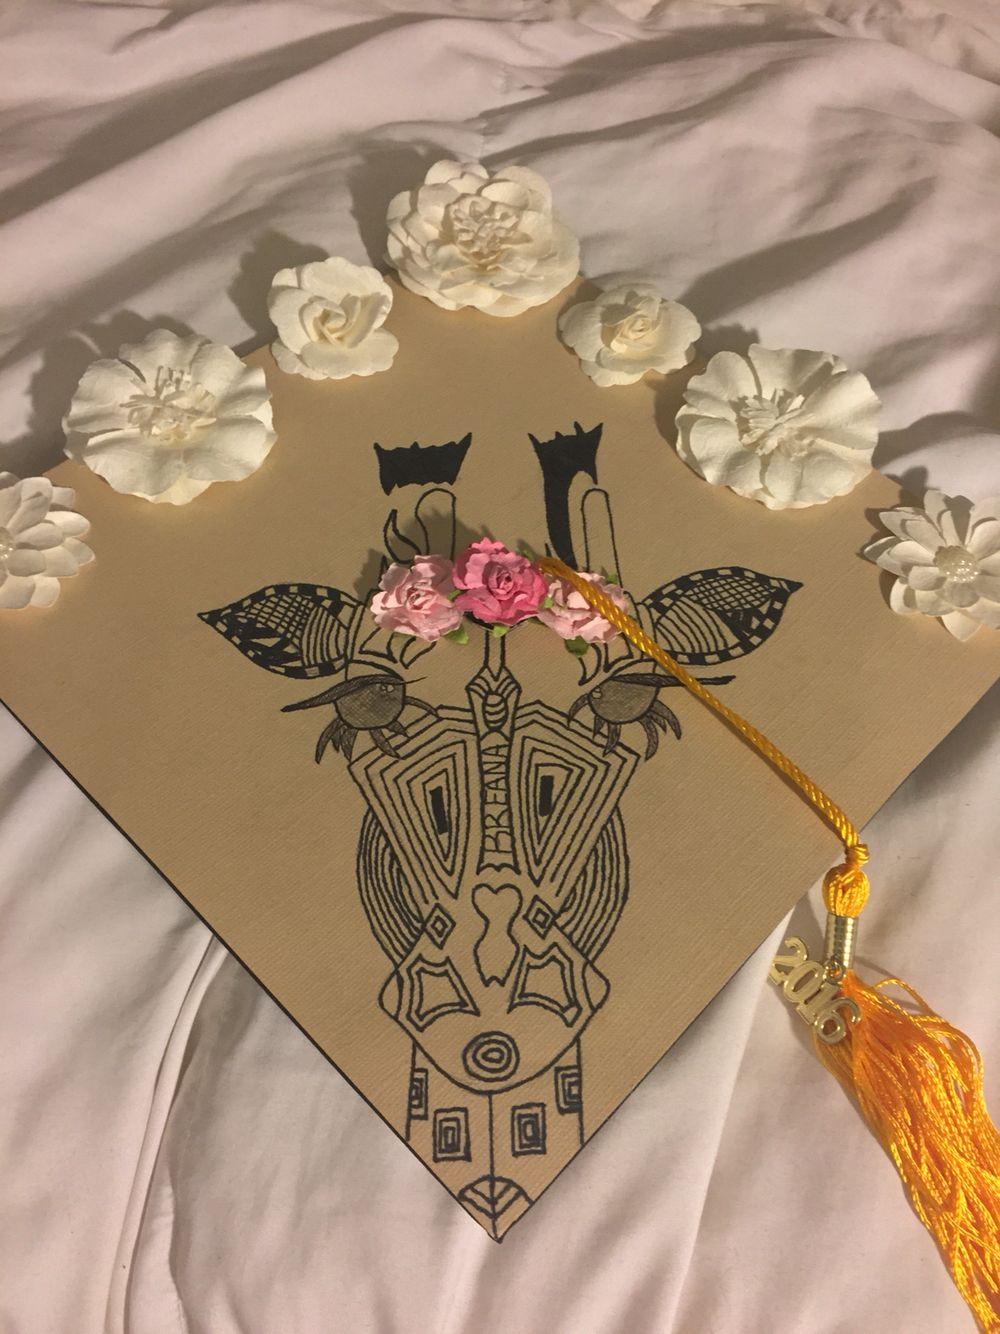 cc6d89ba103ec Graduation cap #giraffe #tribal #flowers | graduation | Graduation ...